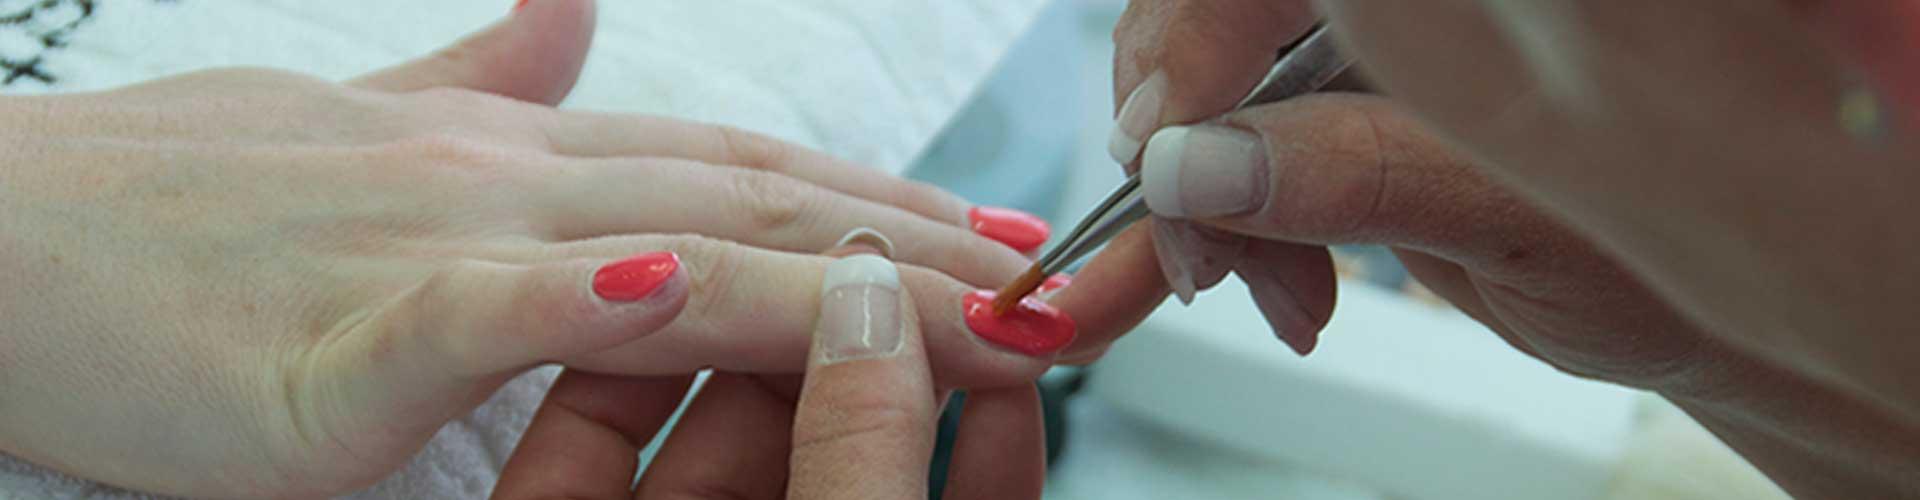 Estetian nagel en beauty Studio aan het werk